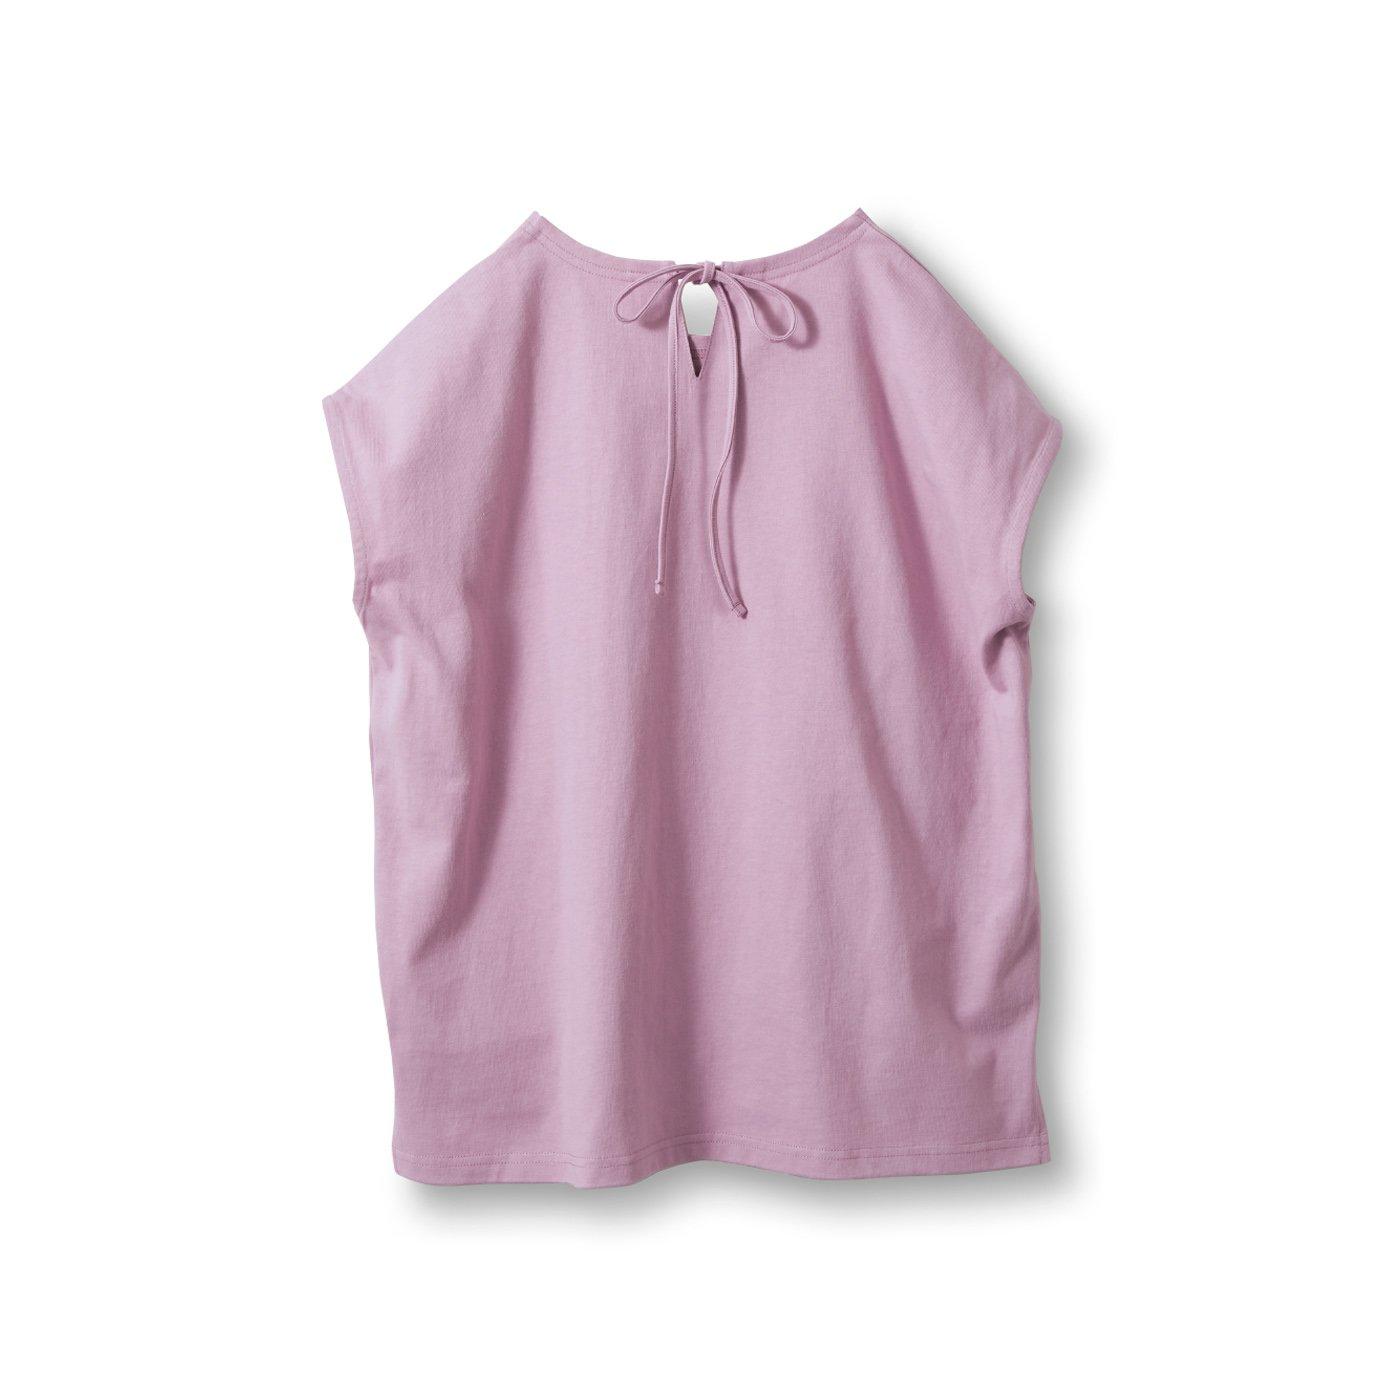 アヴェクモワ フレンチスリーブTシャツ〈ピンク〉